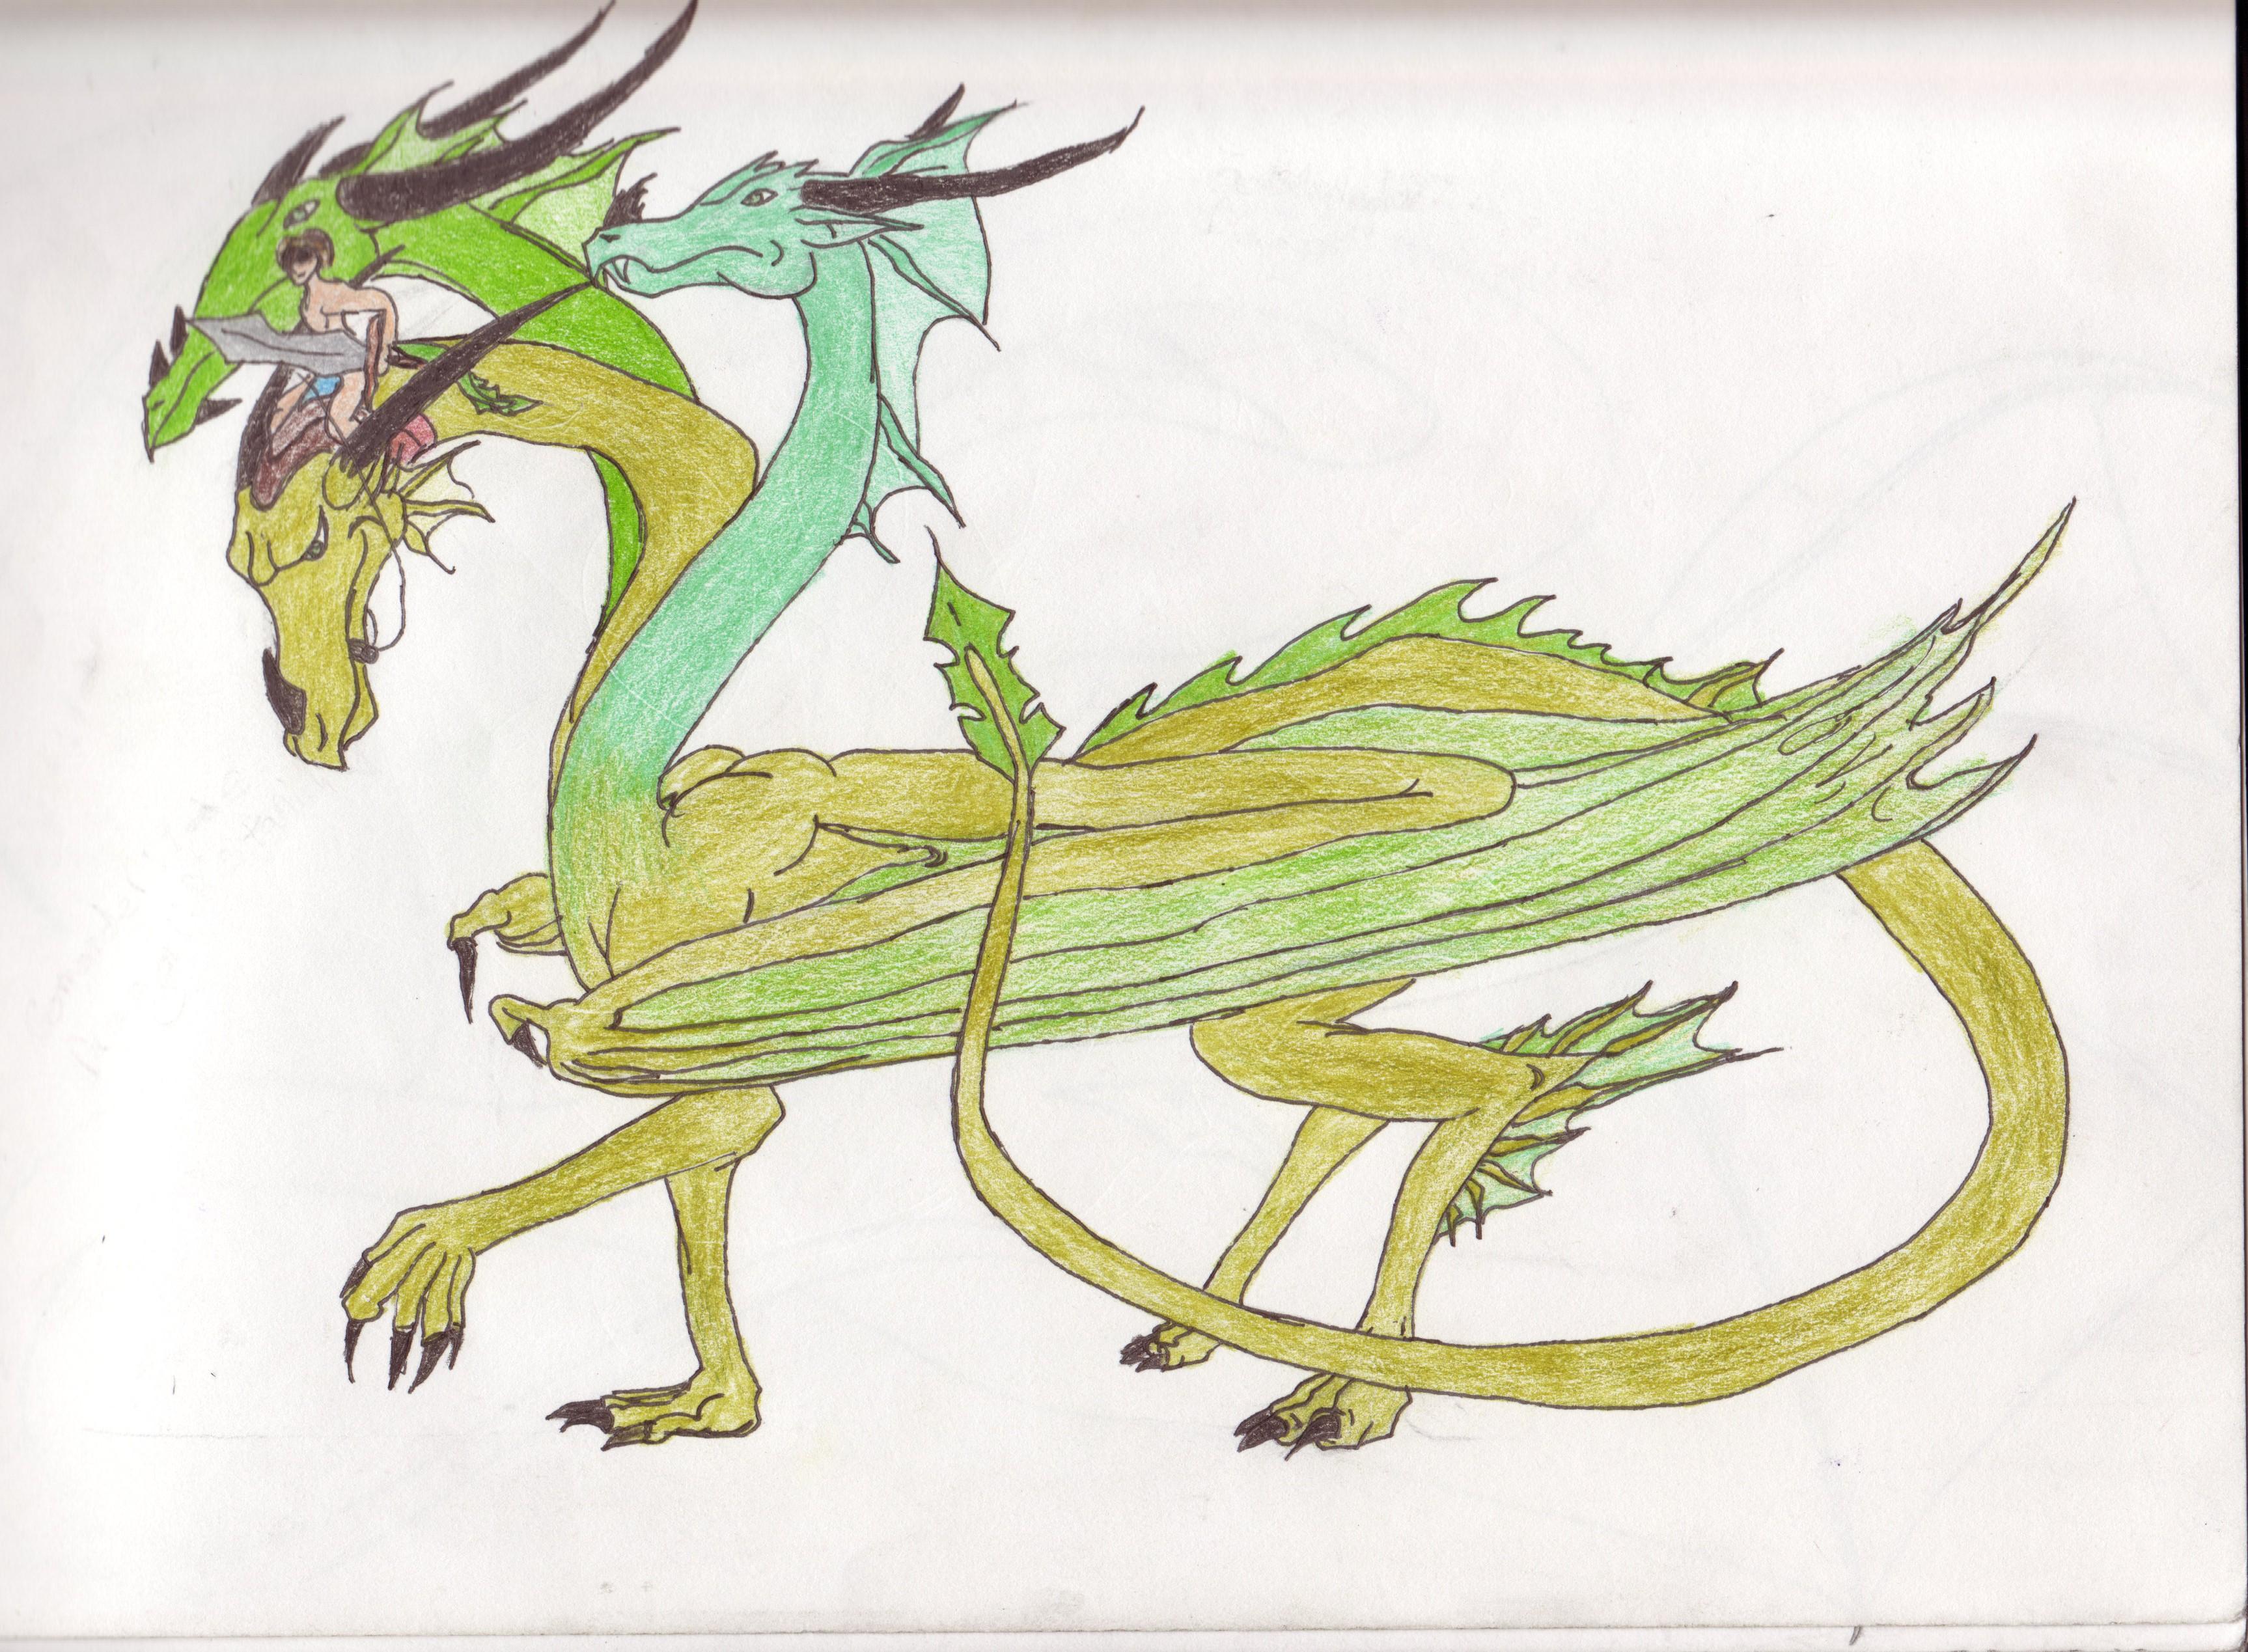 Three headed alien dragon by GhostArt6